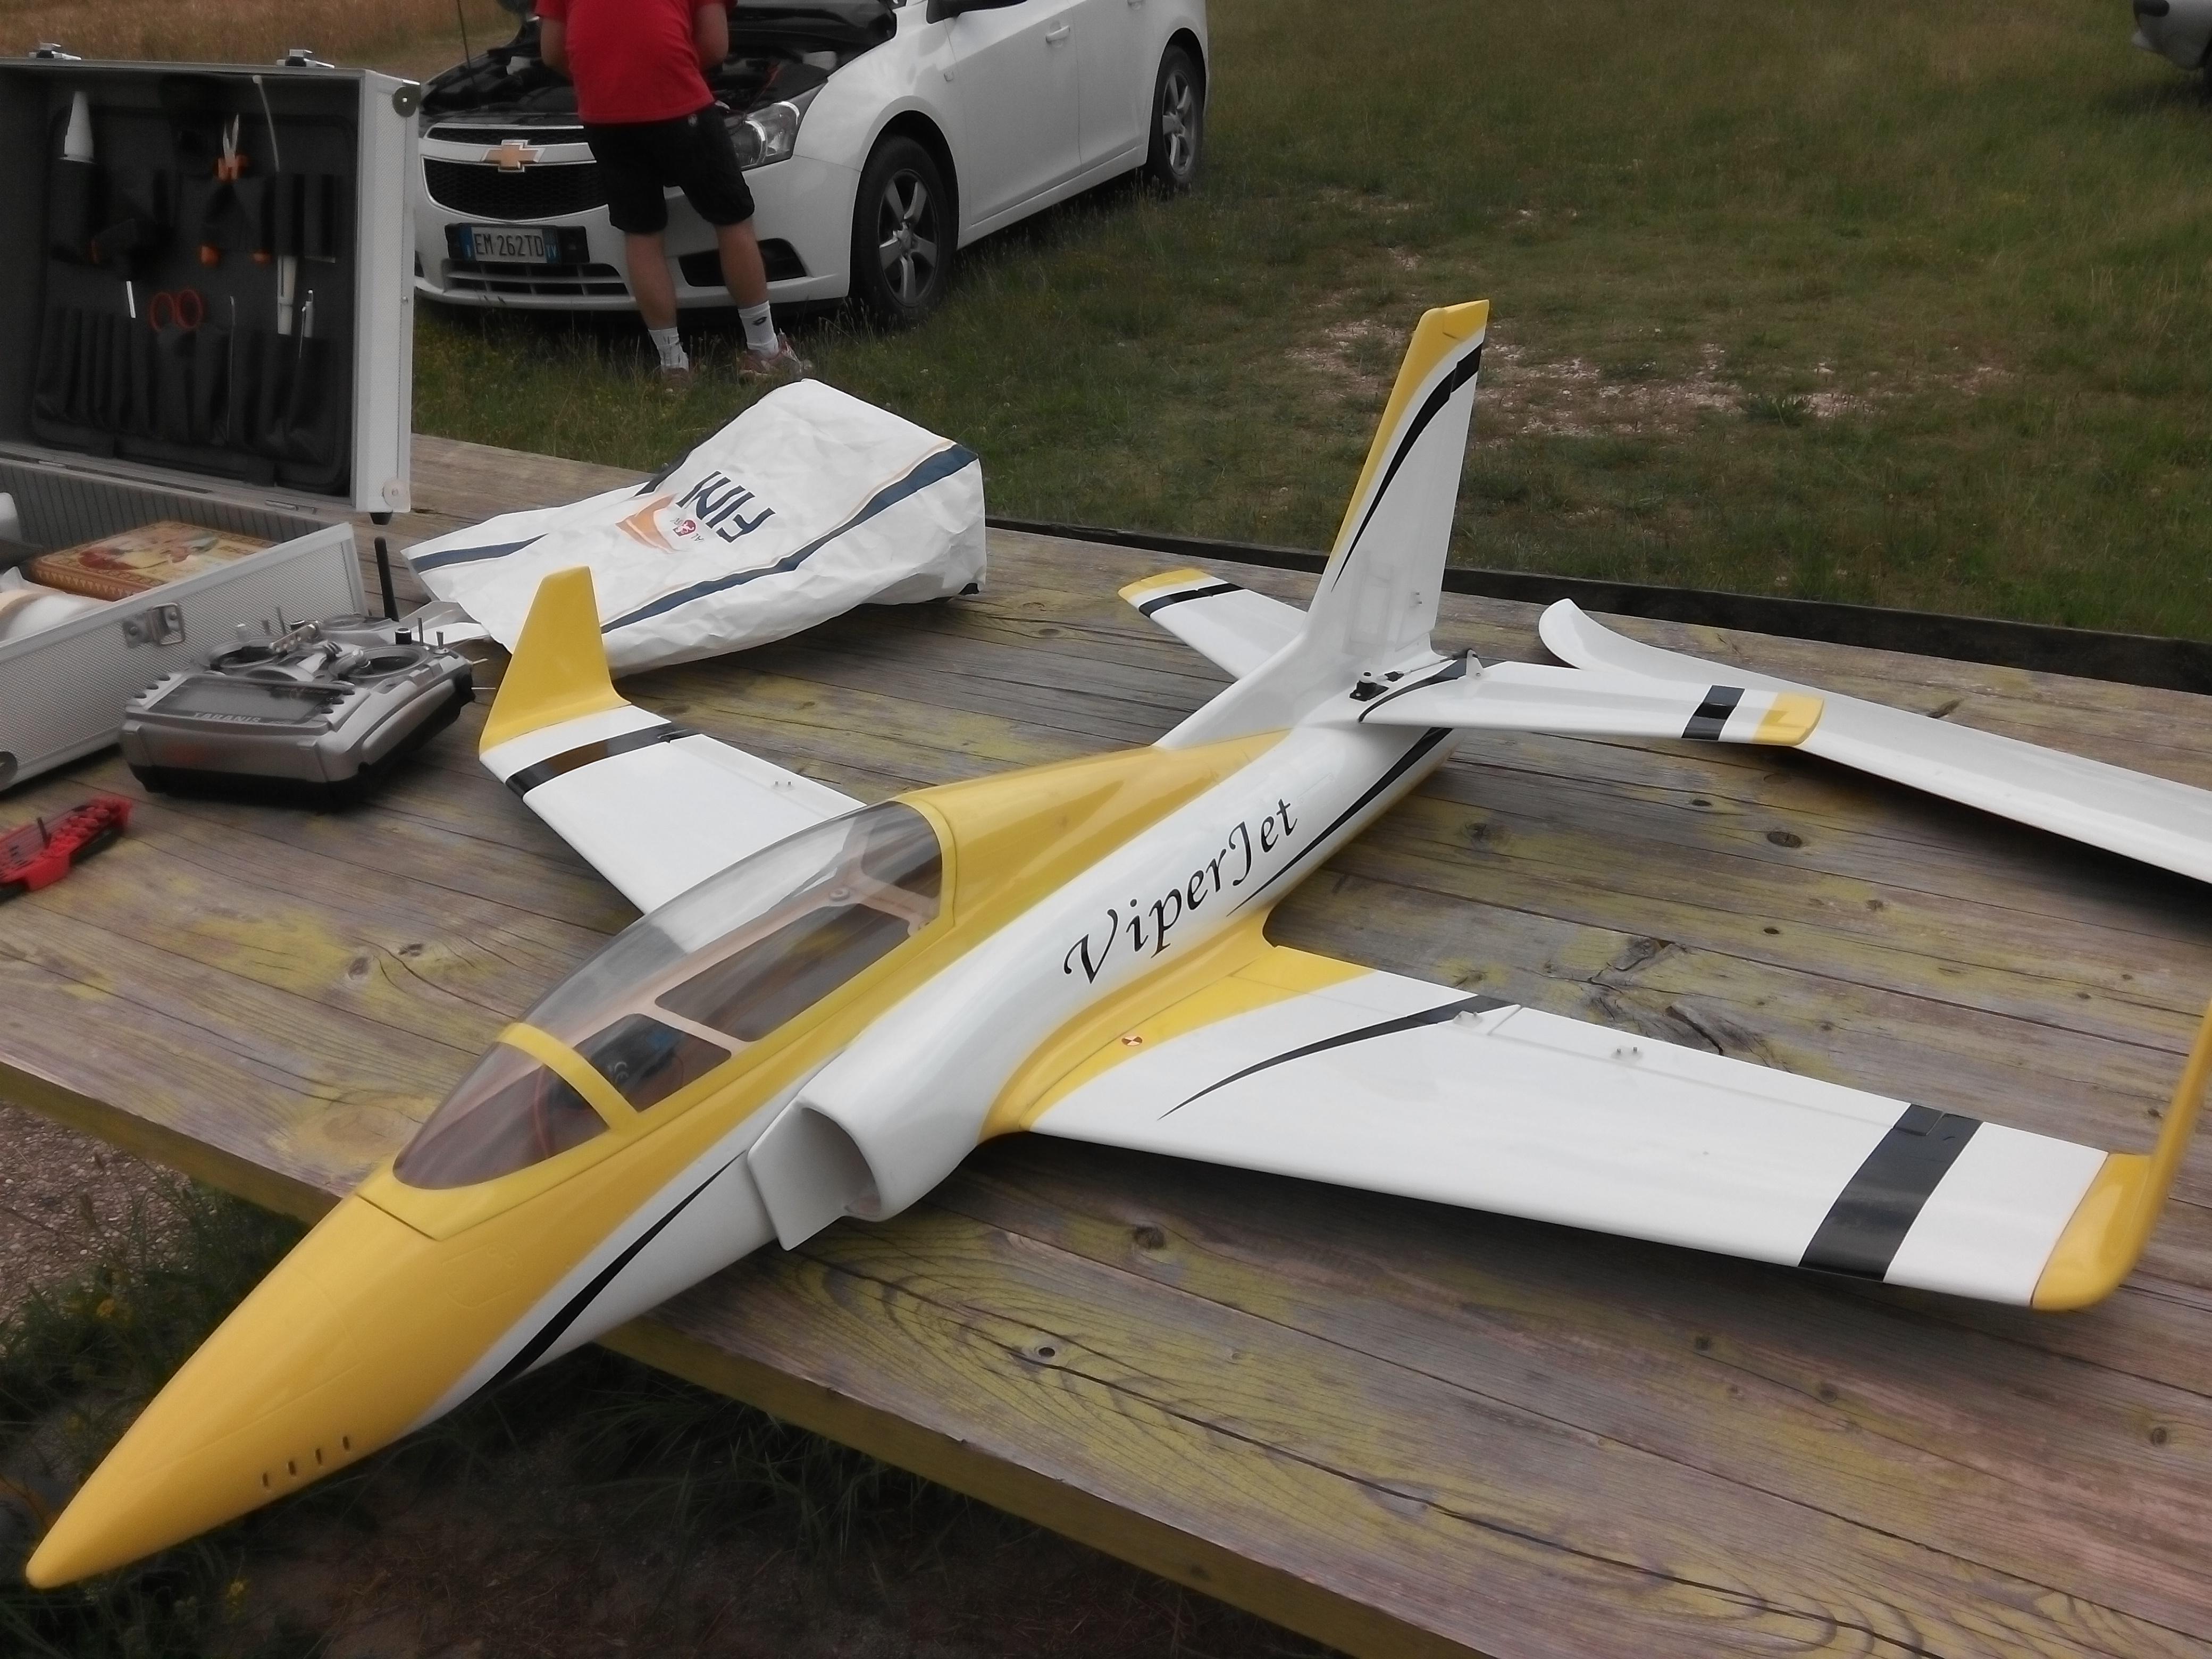 Viperjet70